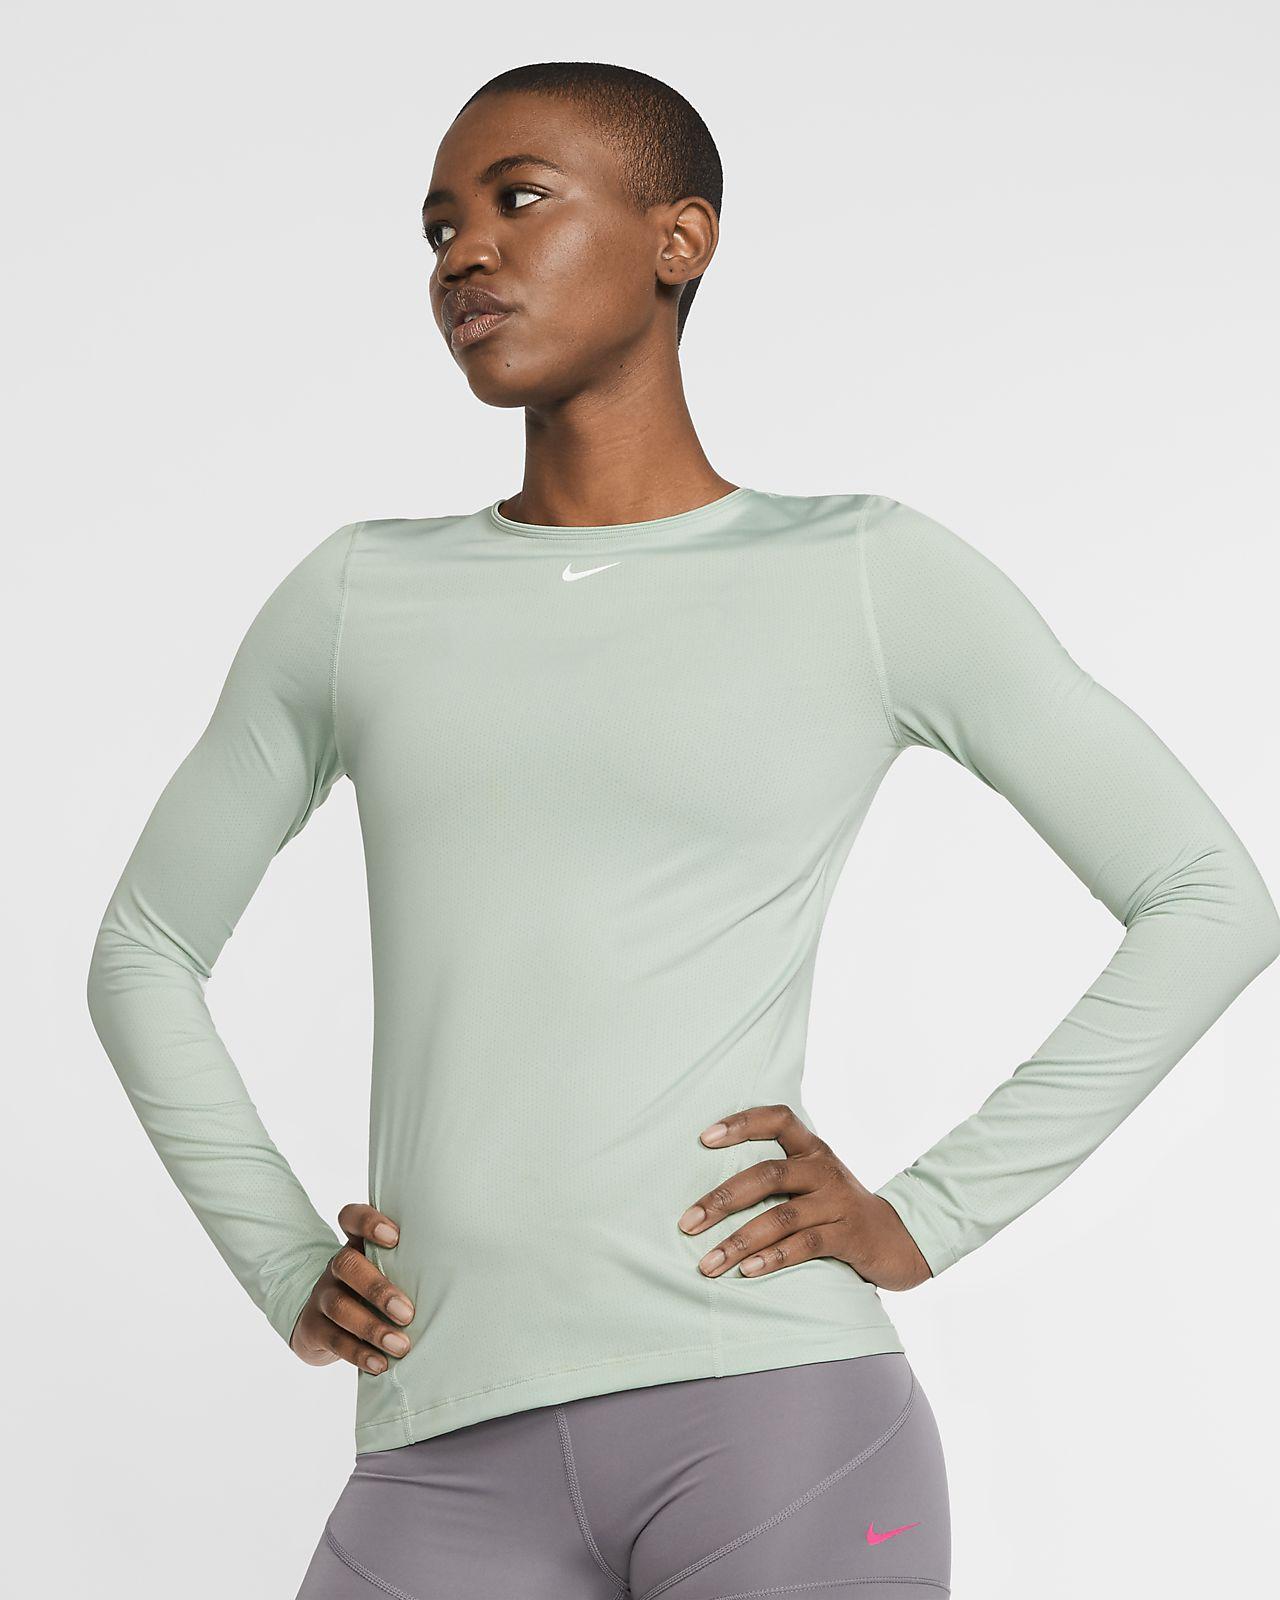 Γυναικεία μακρυμάνικη μπλούζα από διχτυωτό υλικό Nike Pro